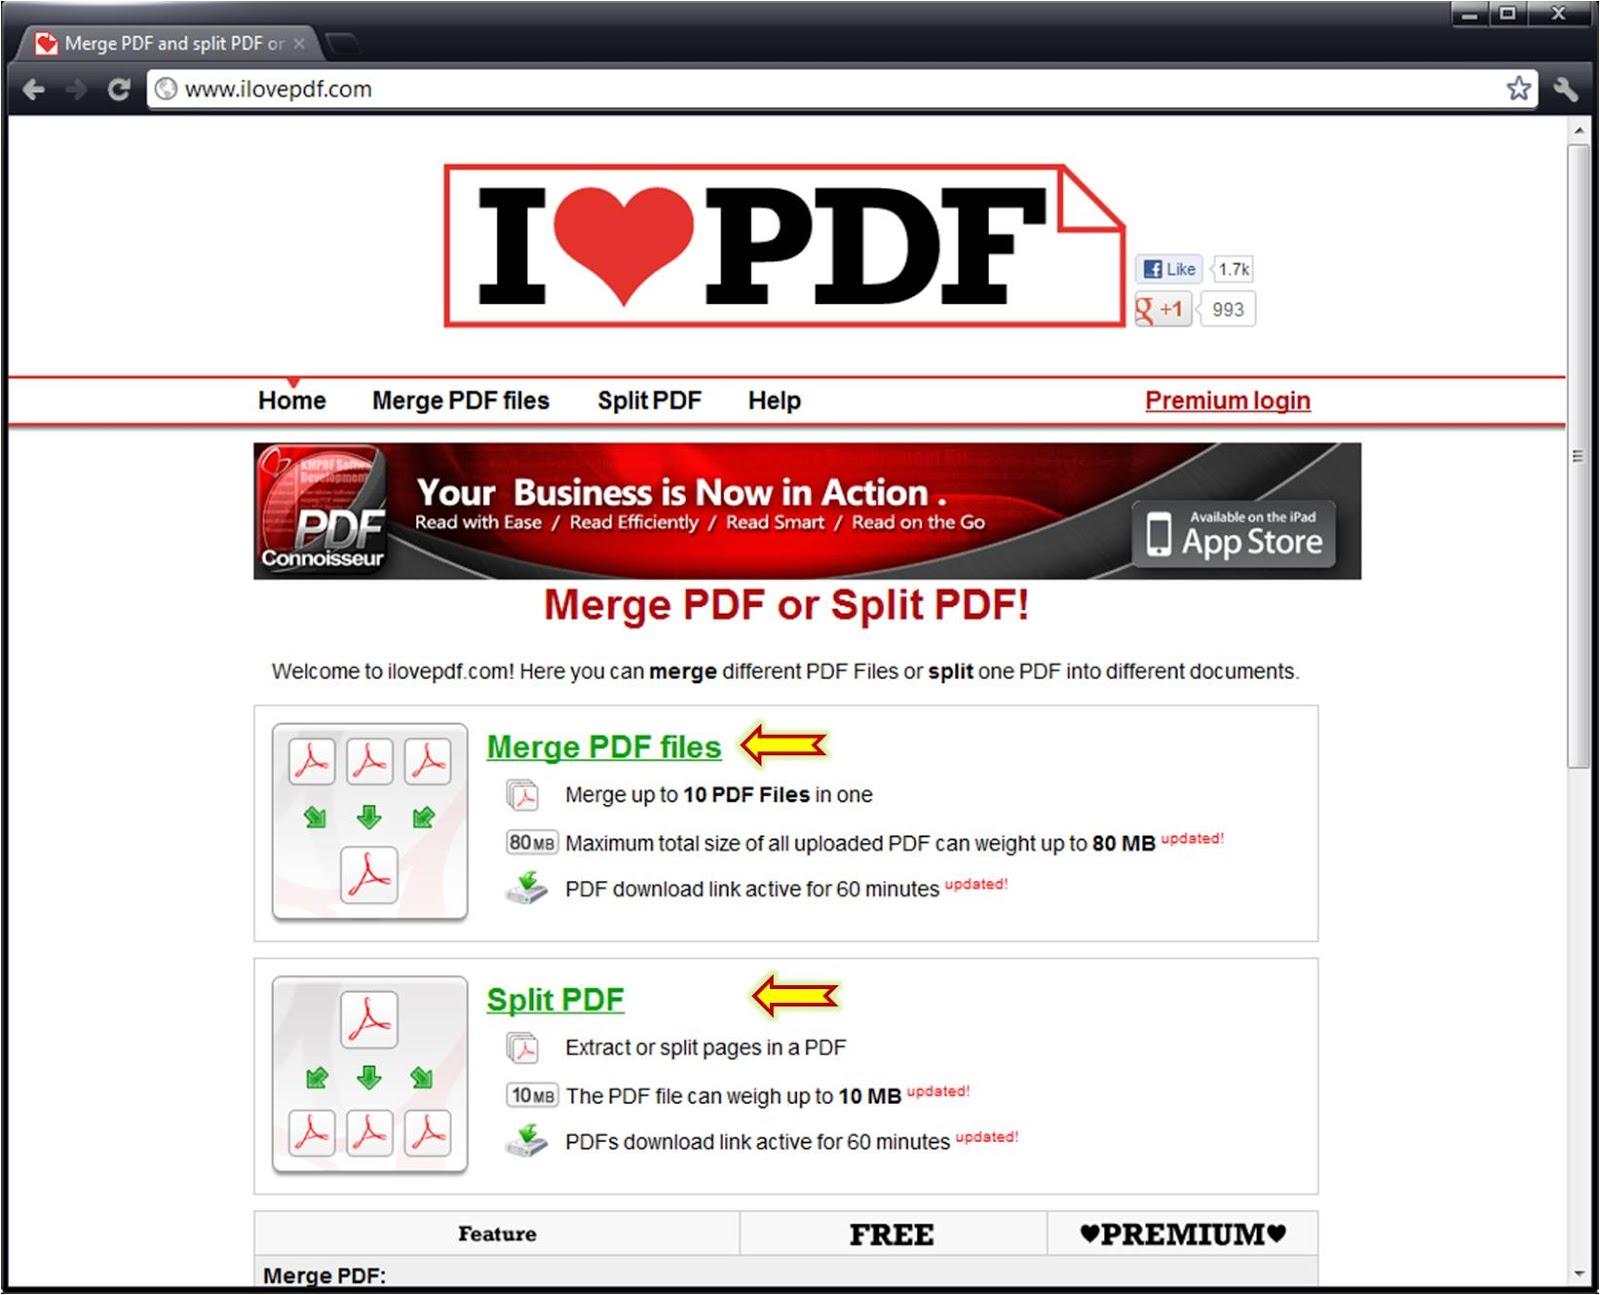 http://ilovepdf.com/es/dividir_pdf#split,range